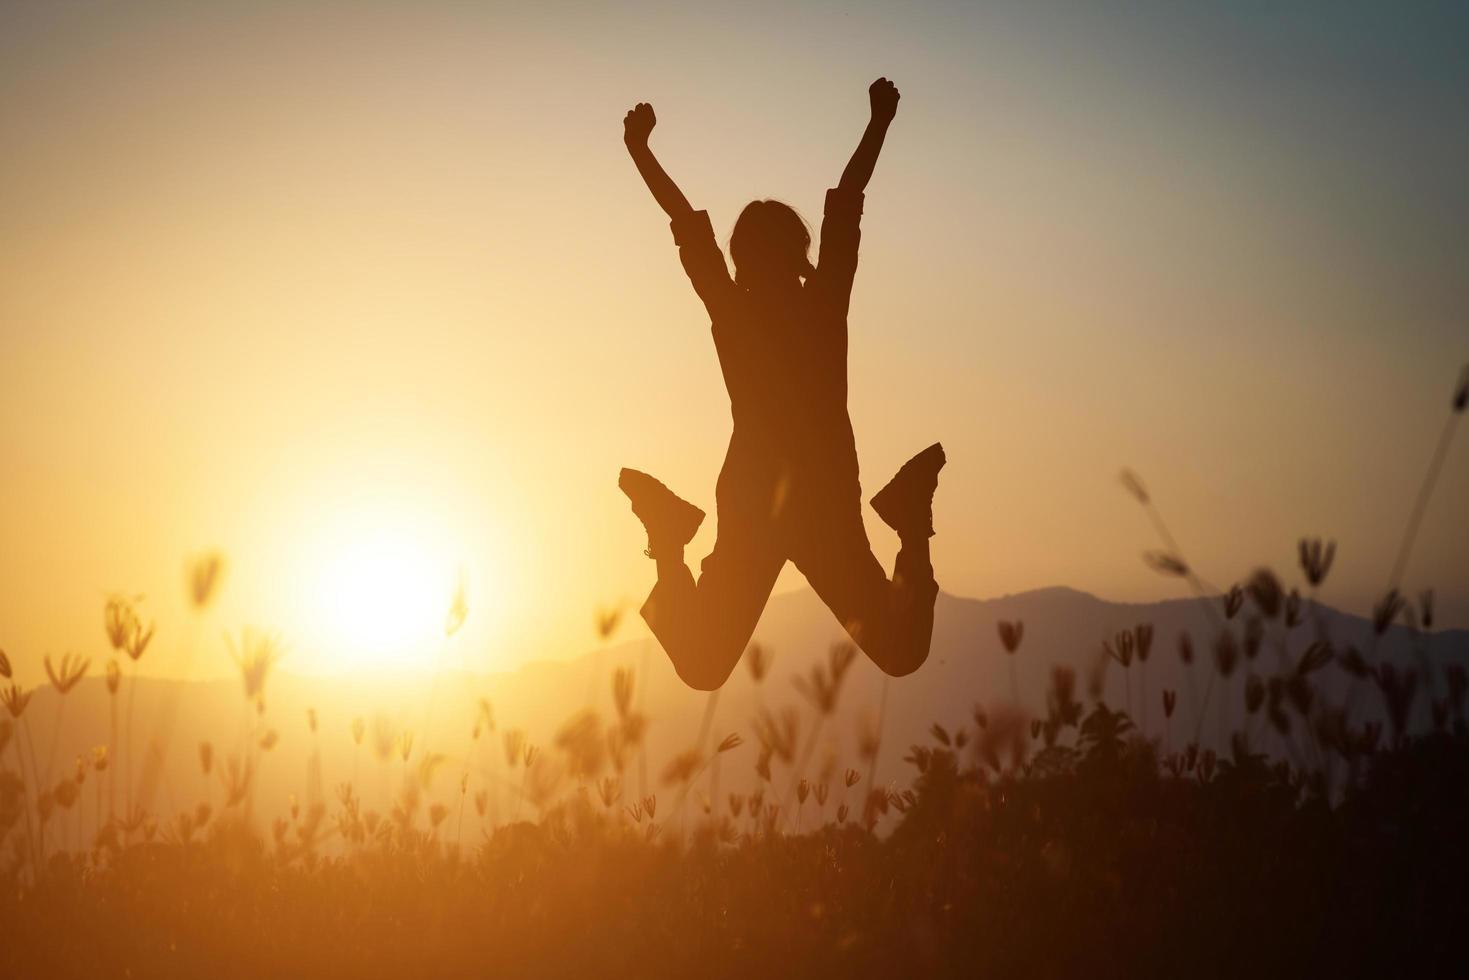 silhouette di una donna che salta su uno sfondo di bel cielo foto